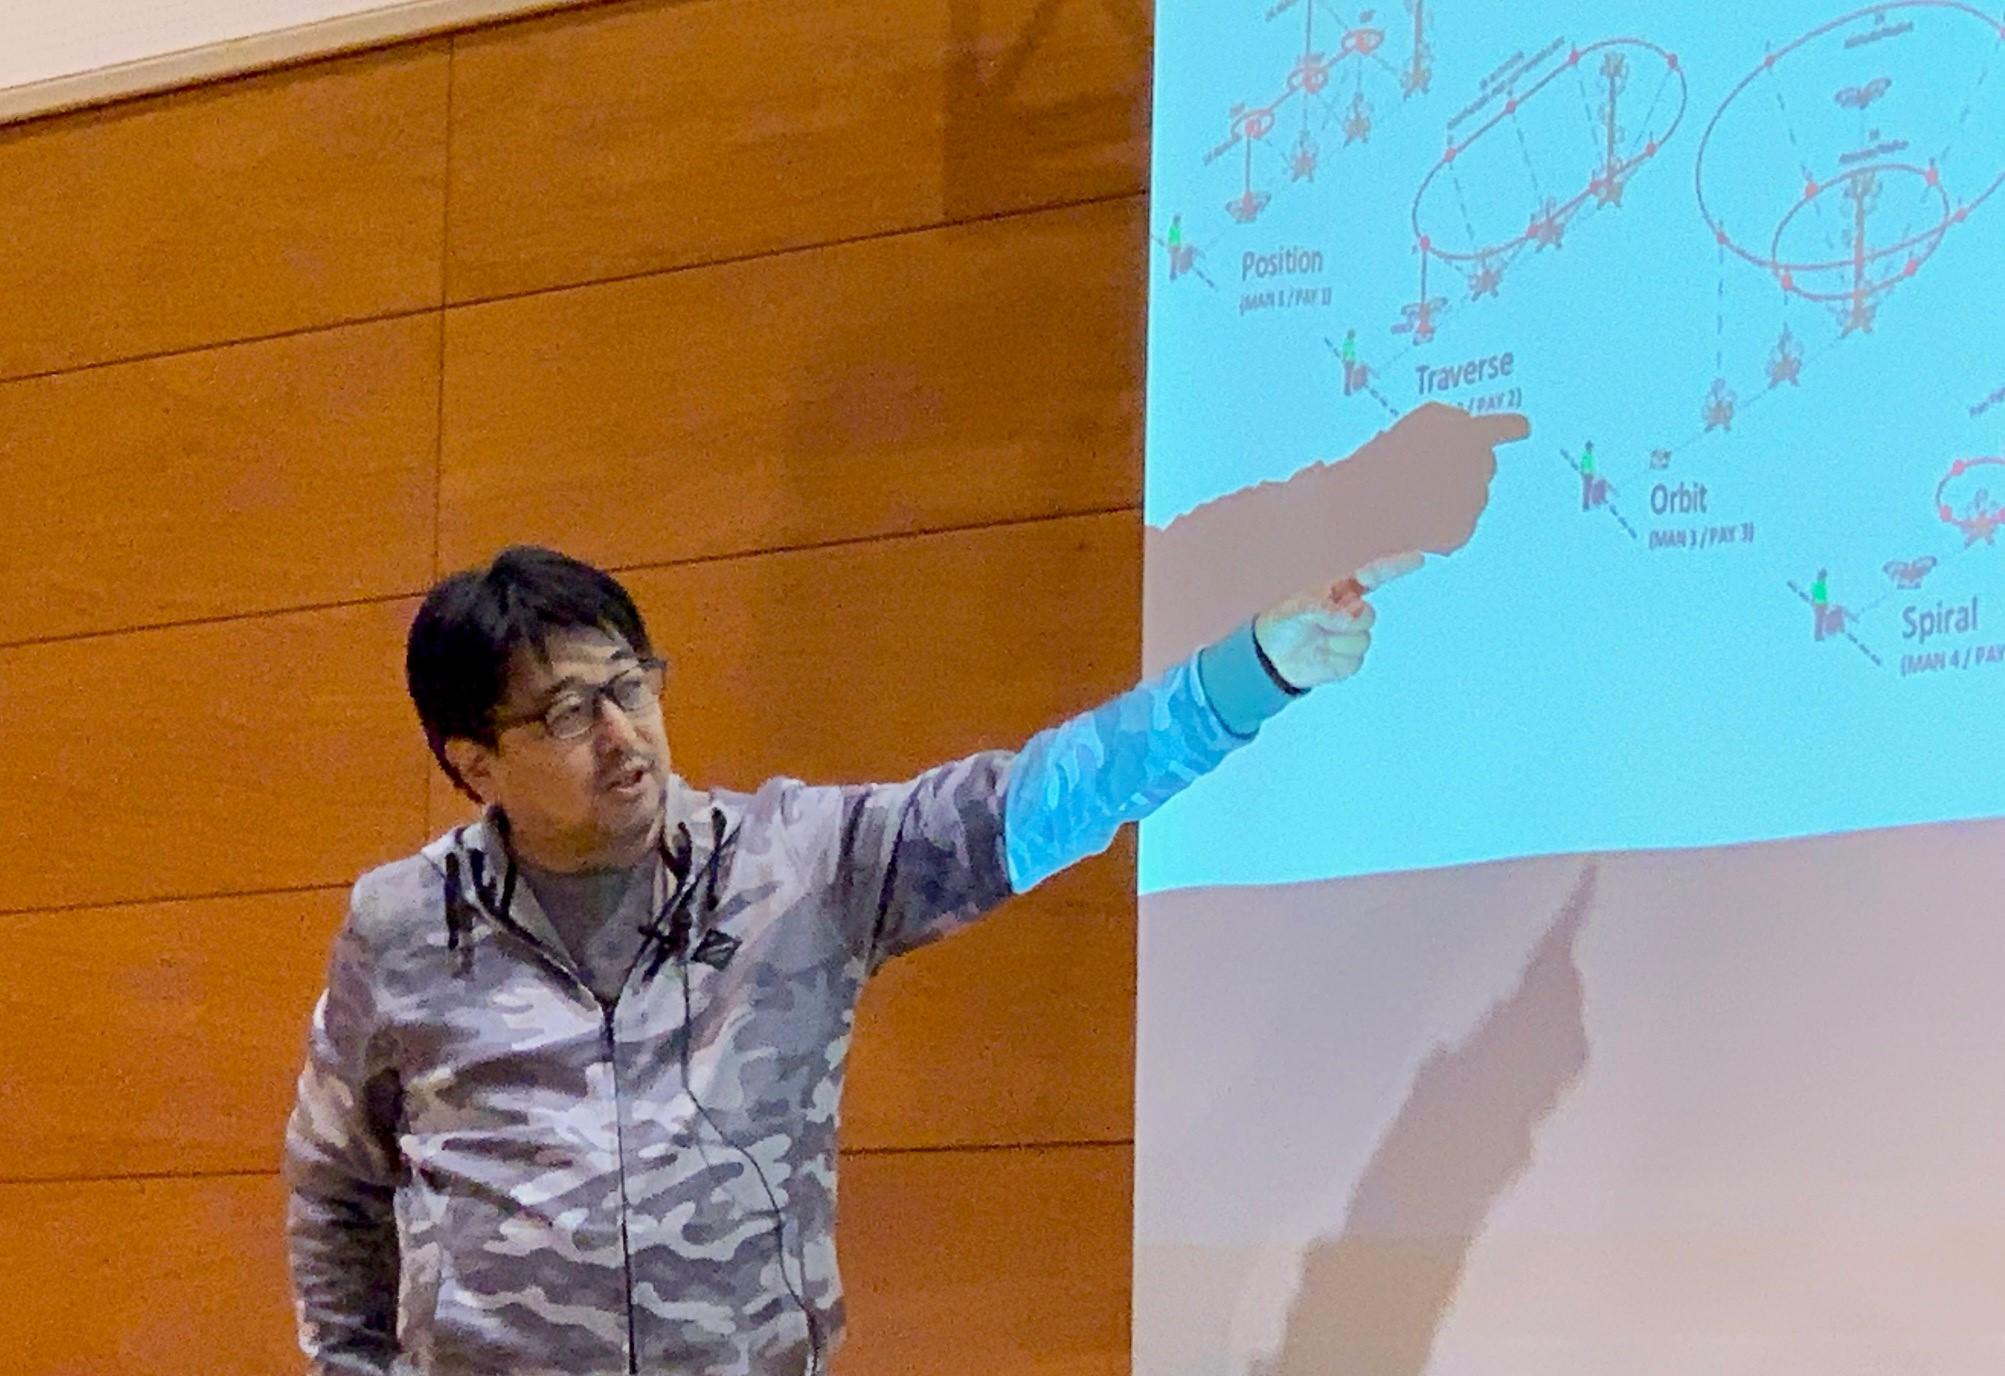 【慶大×田村市】県立船引高校でドローン特別講座開催 南氏、次回以降の米標準NISTの訓練導入を表明